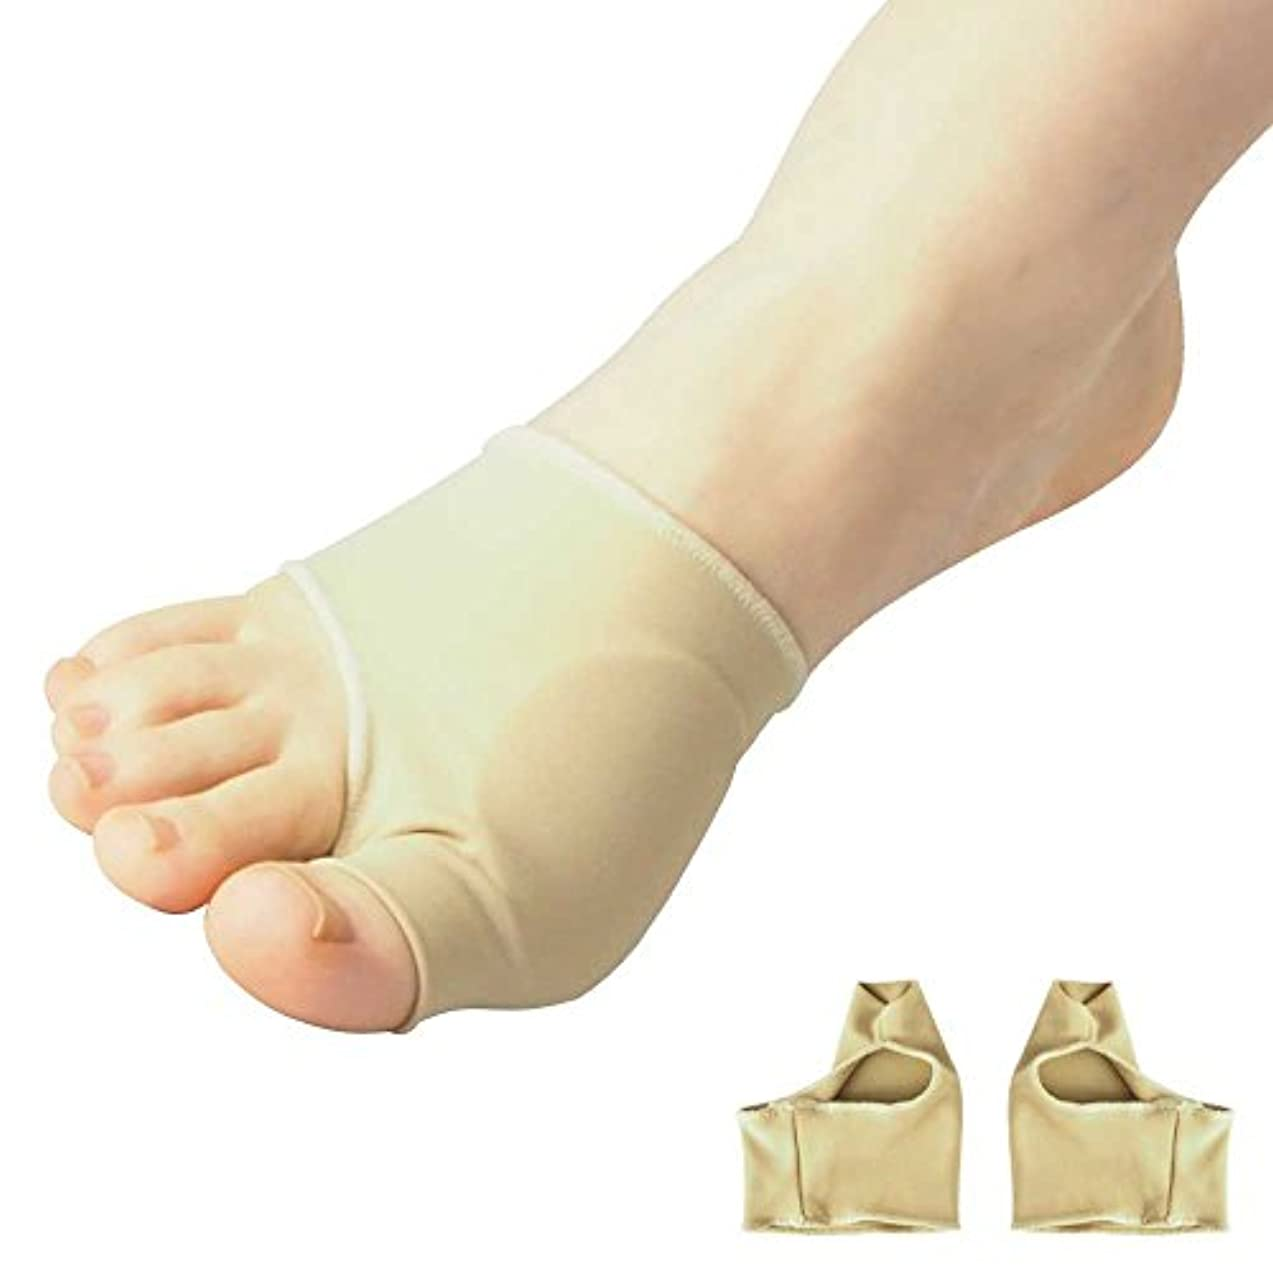 説明する覚えている請求可能外反母趾 フットケア サポーター 靴擦れ対策 (S)